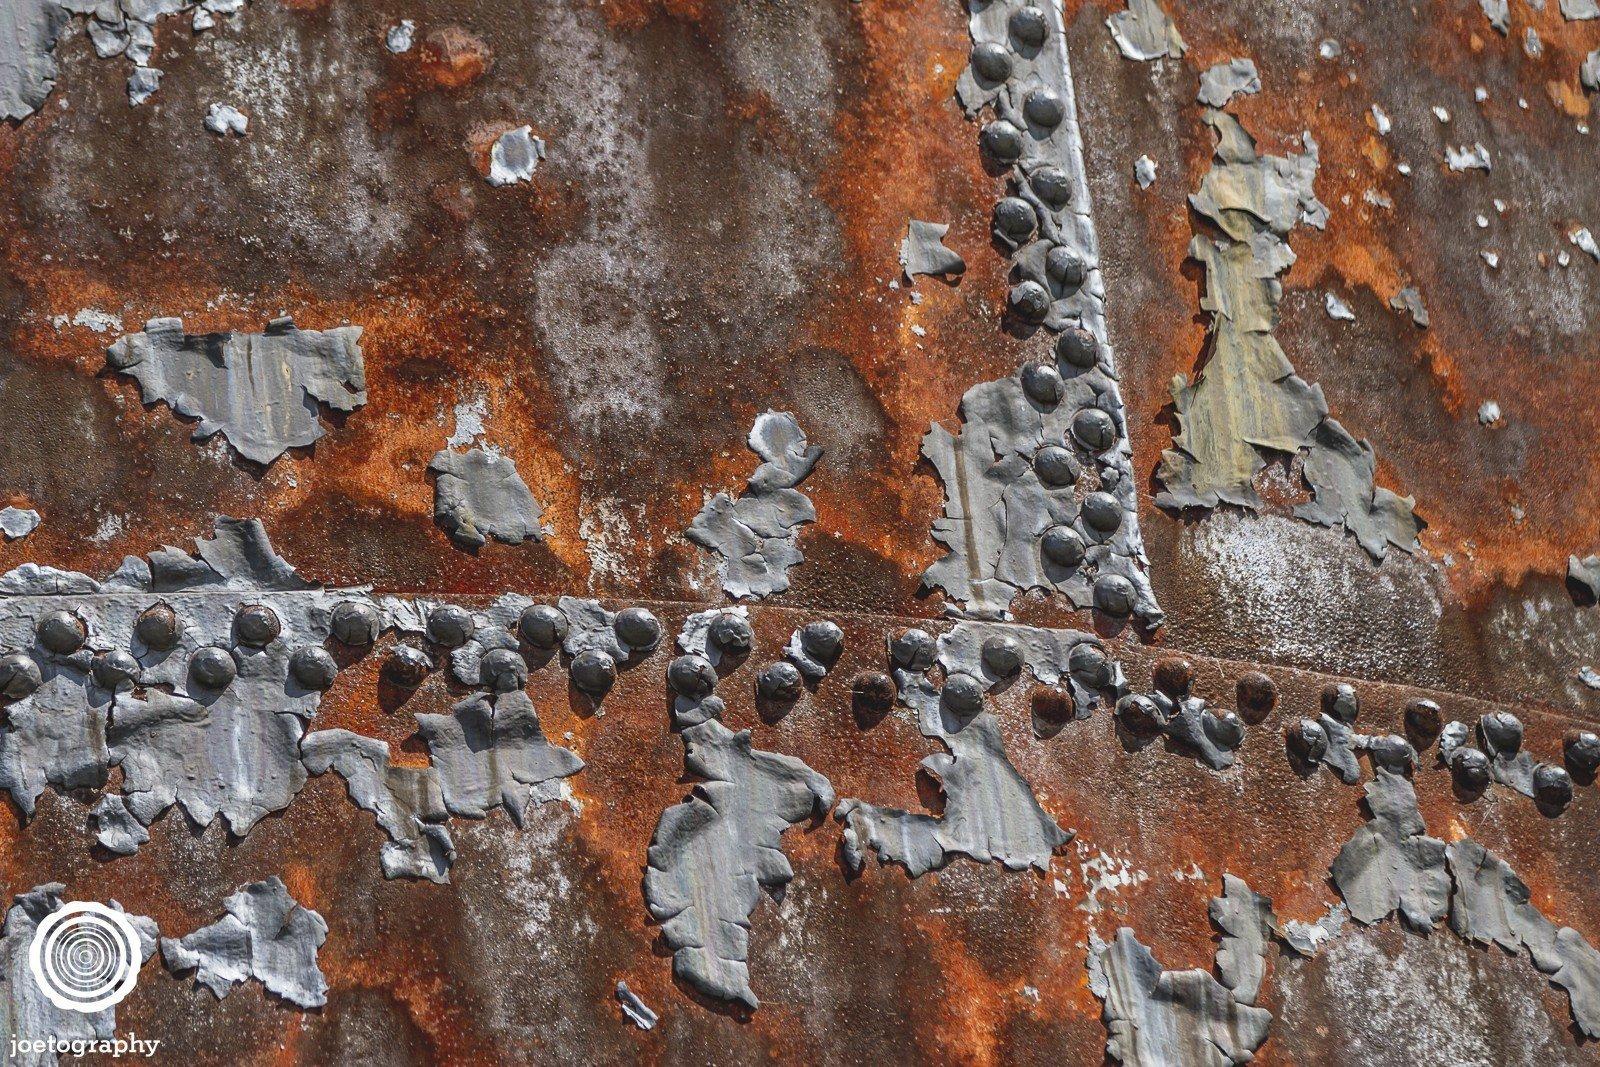 joetography-travel-photography-bethlehem-steel-pennsylvania-2015-7